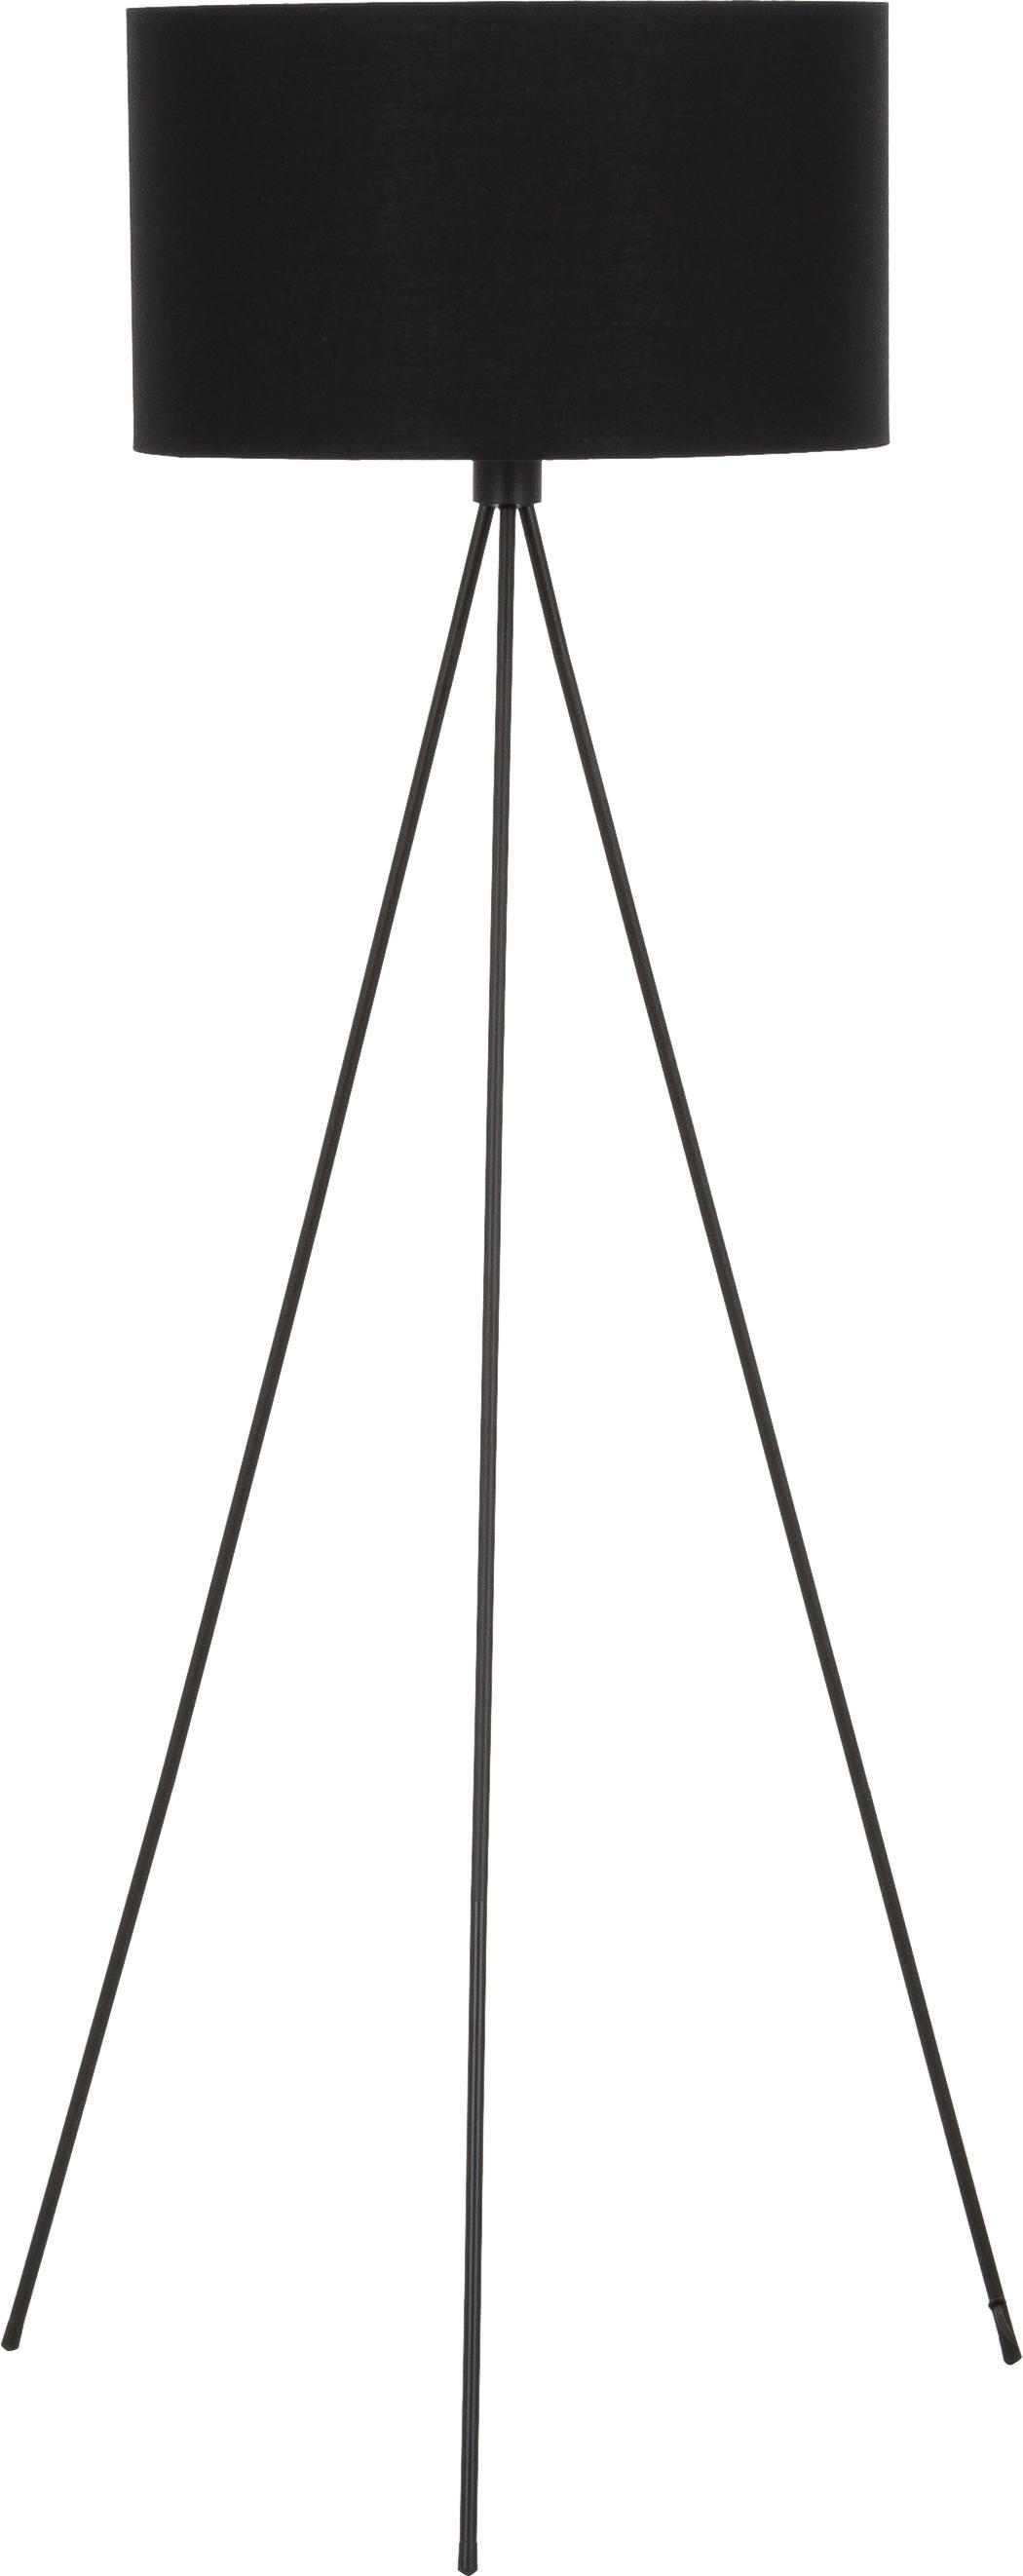 Stehlampe Cella, Lampenschirm: Baumwollgemisch, Schwarz, ∅ 48 x H 158 cm